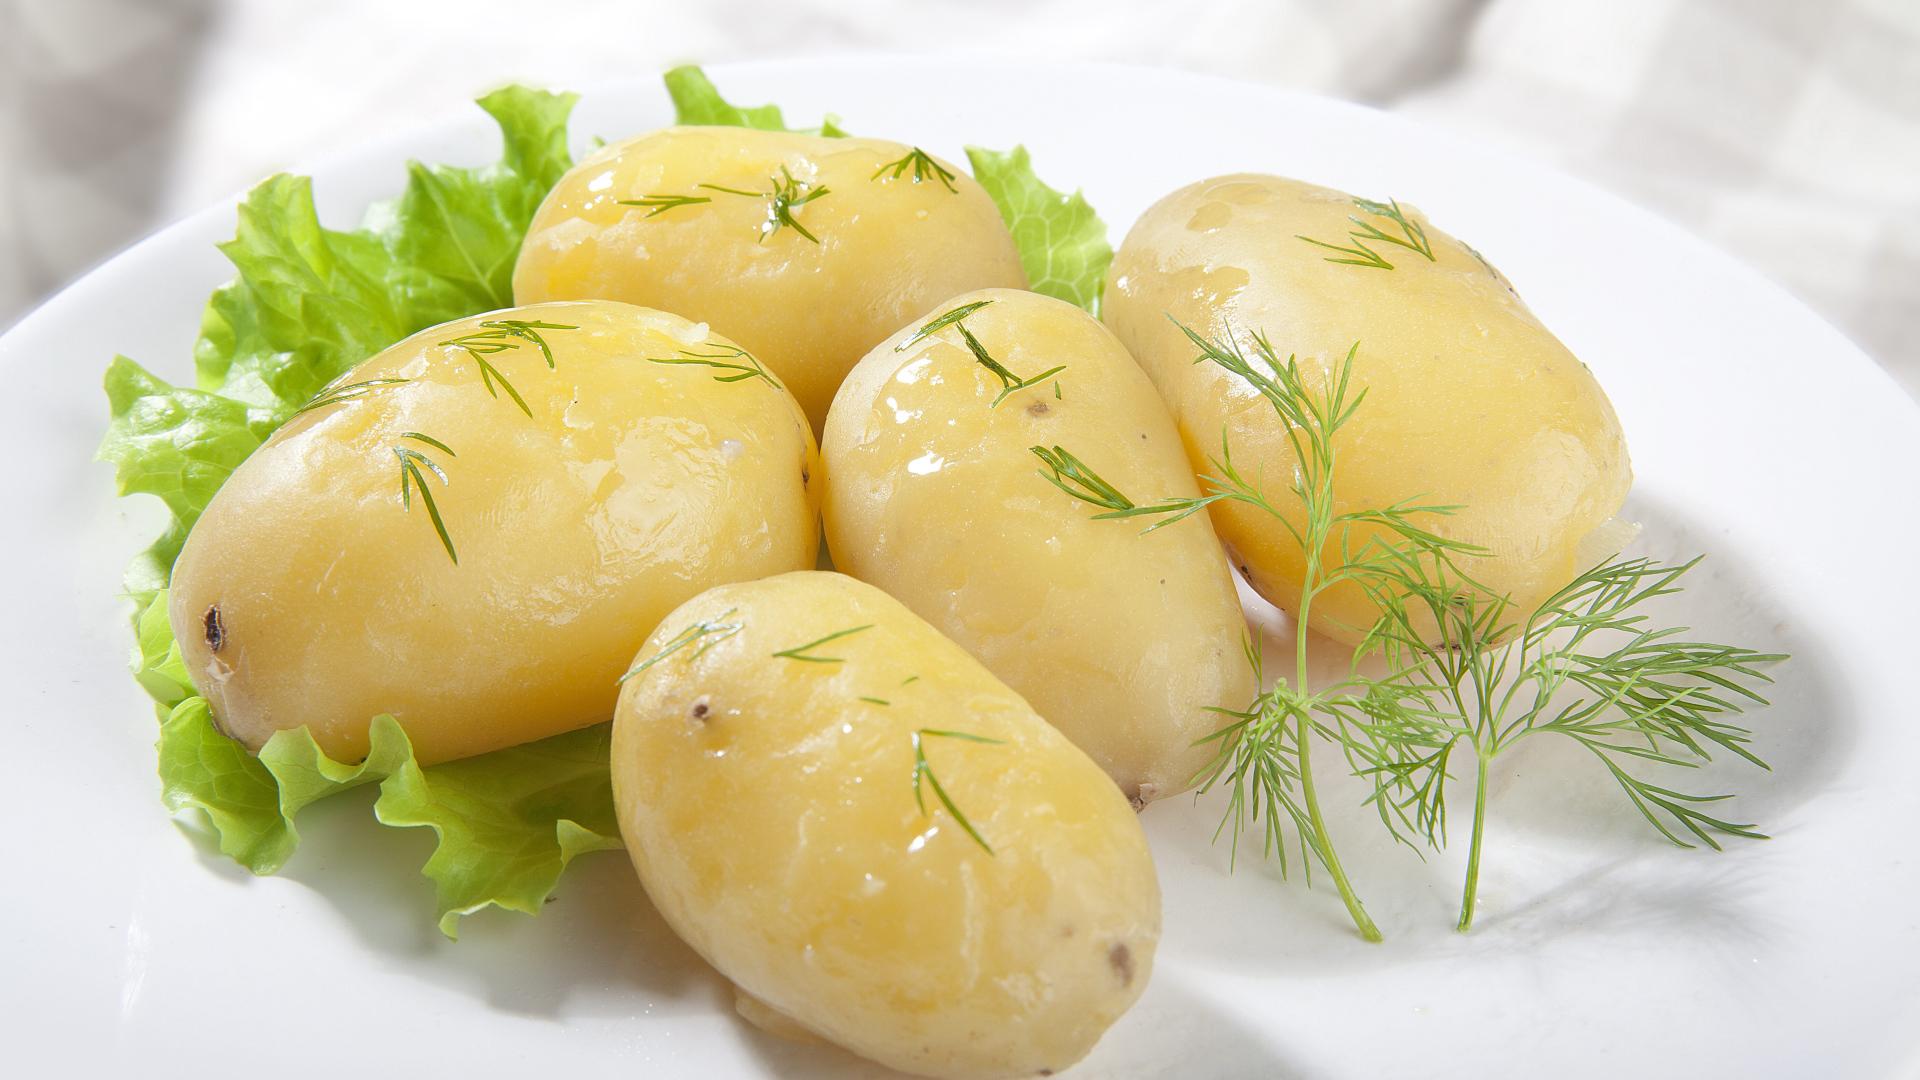 HDoboi.Kiev.ua - Вареный картофель с листом салата и зеленью